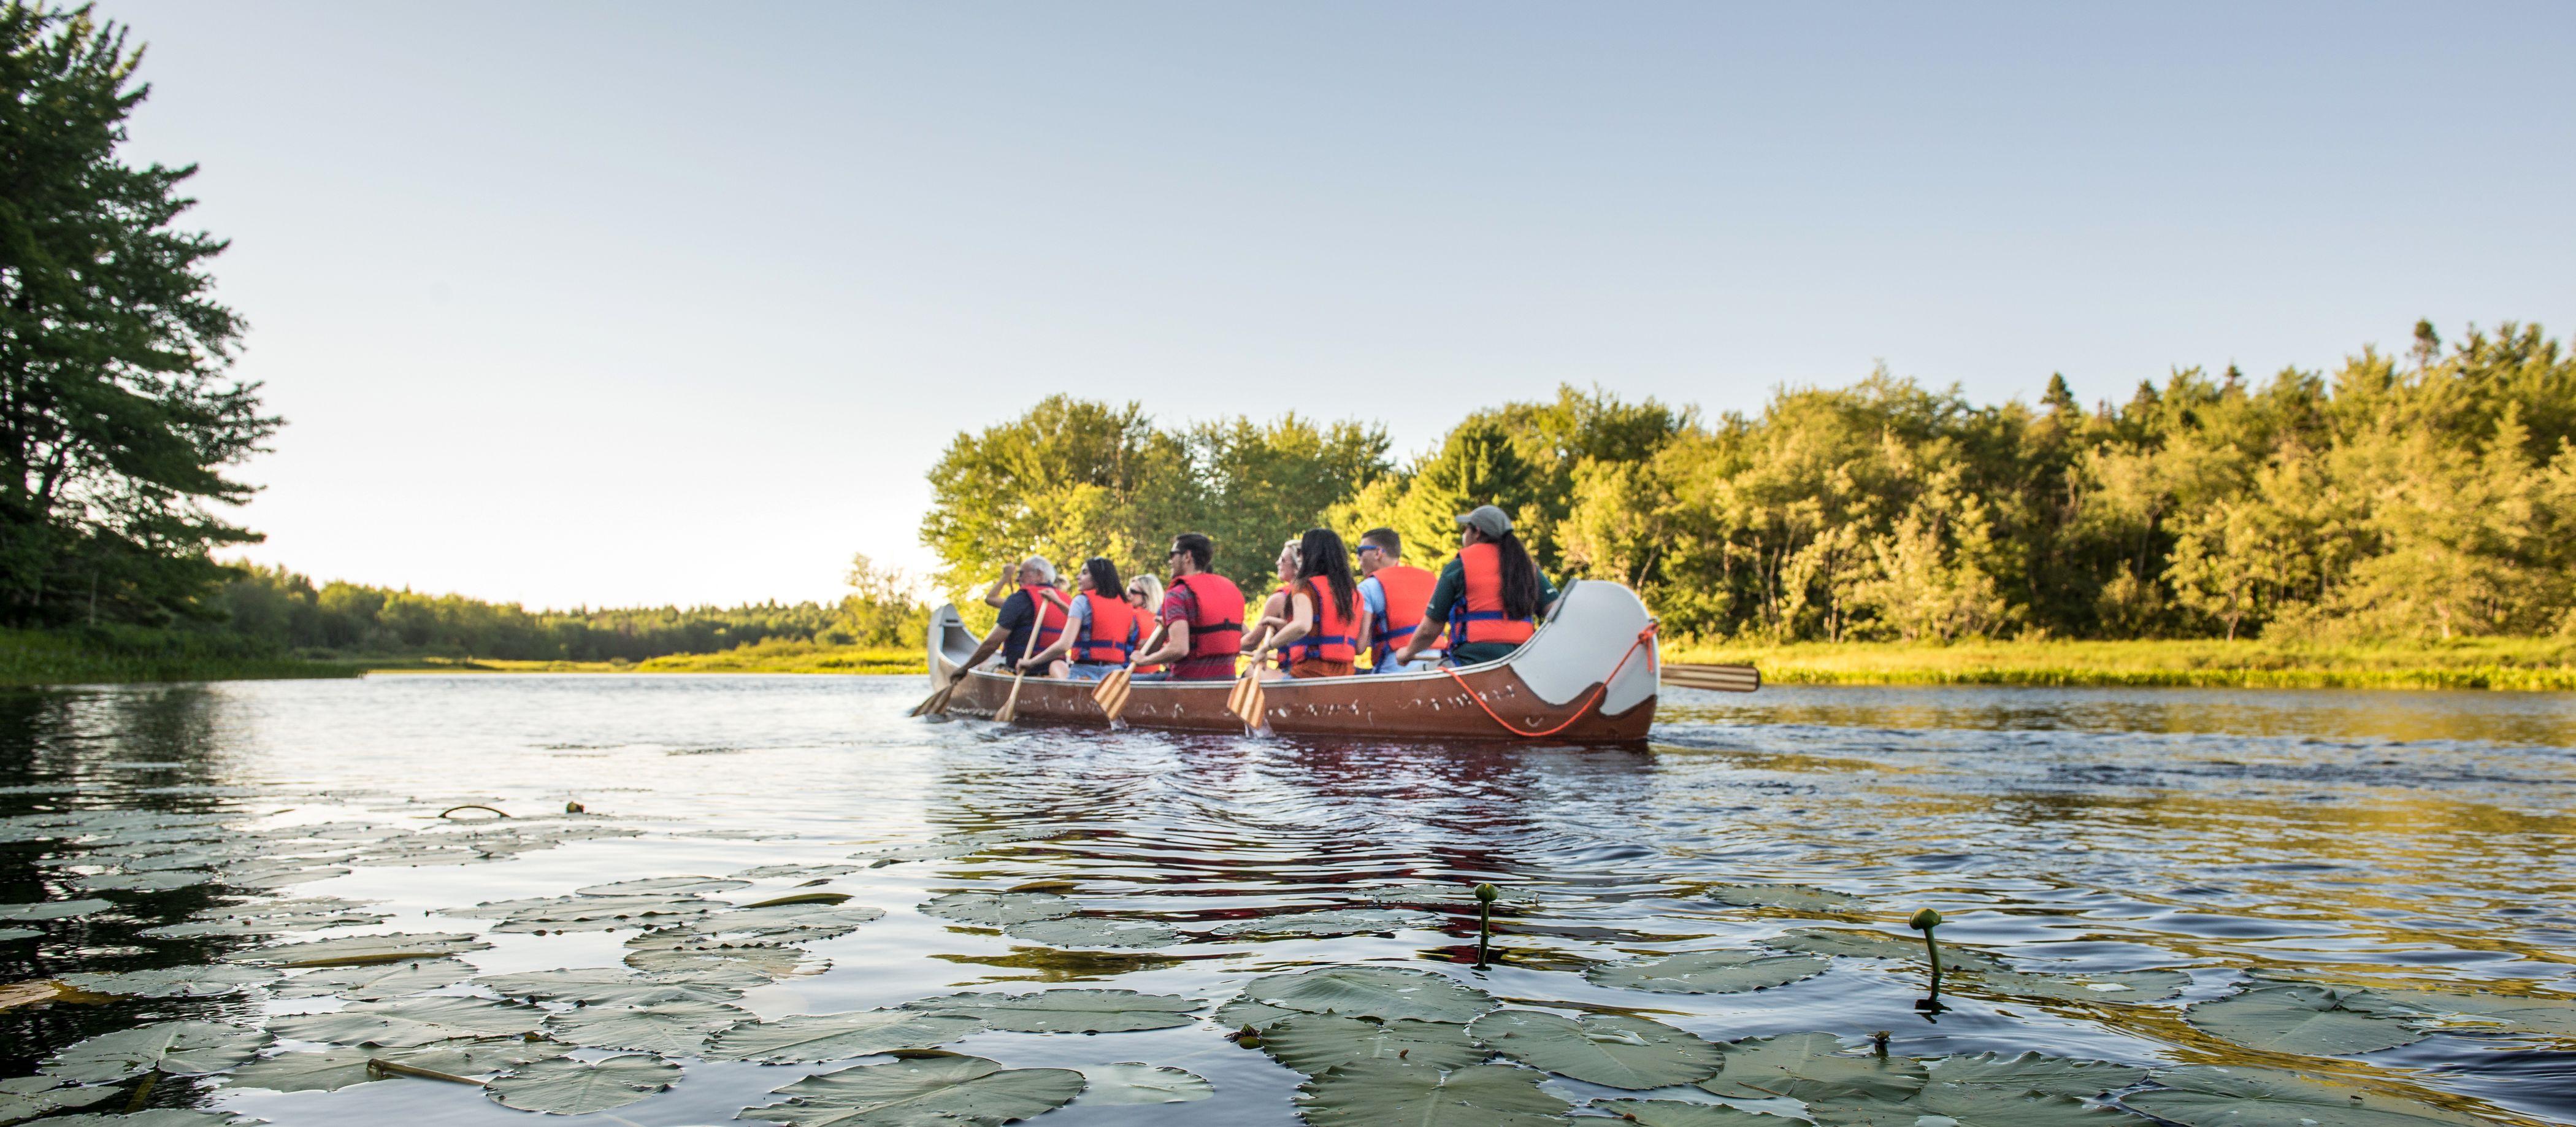 Freunden machen eine Kanutour im Kejimkujik-Nationalpark in der kanadischen Provinz Nova Scotia